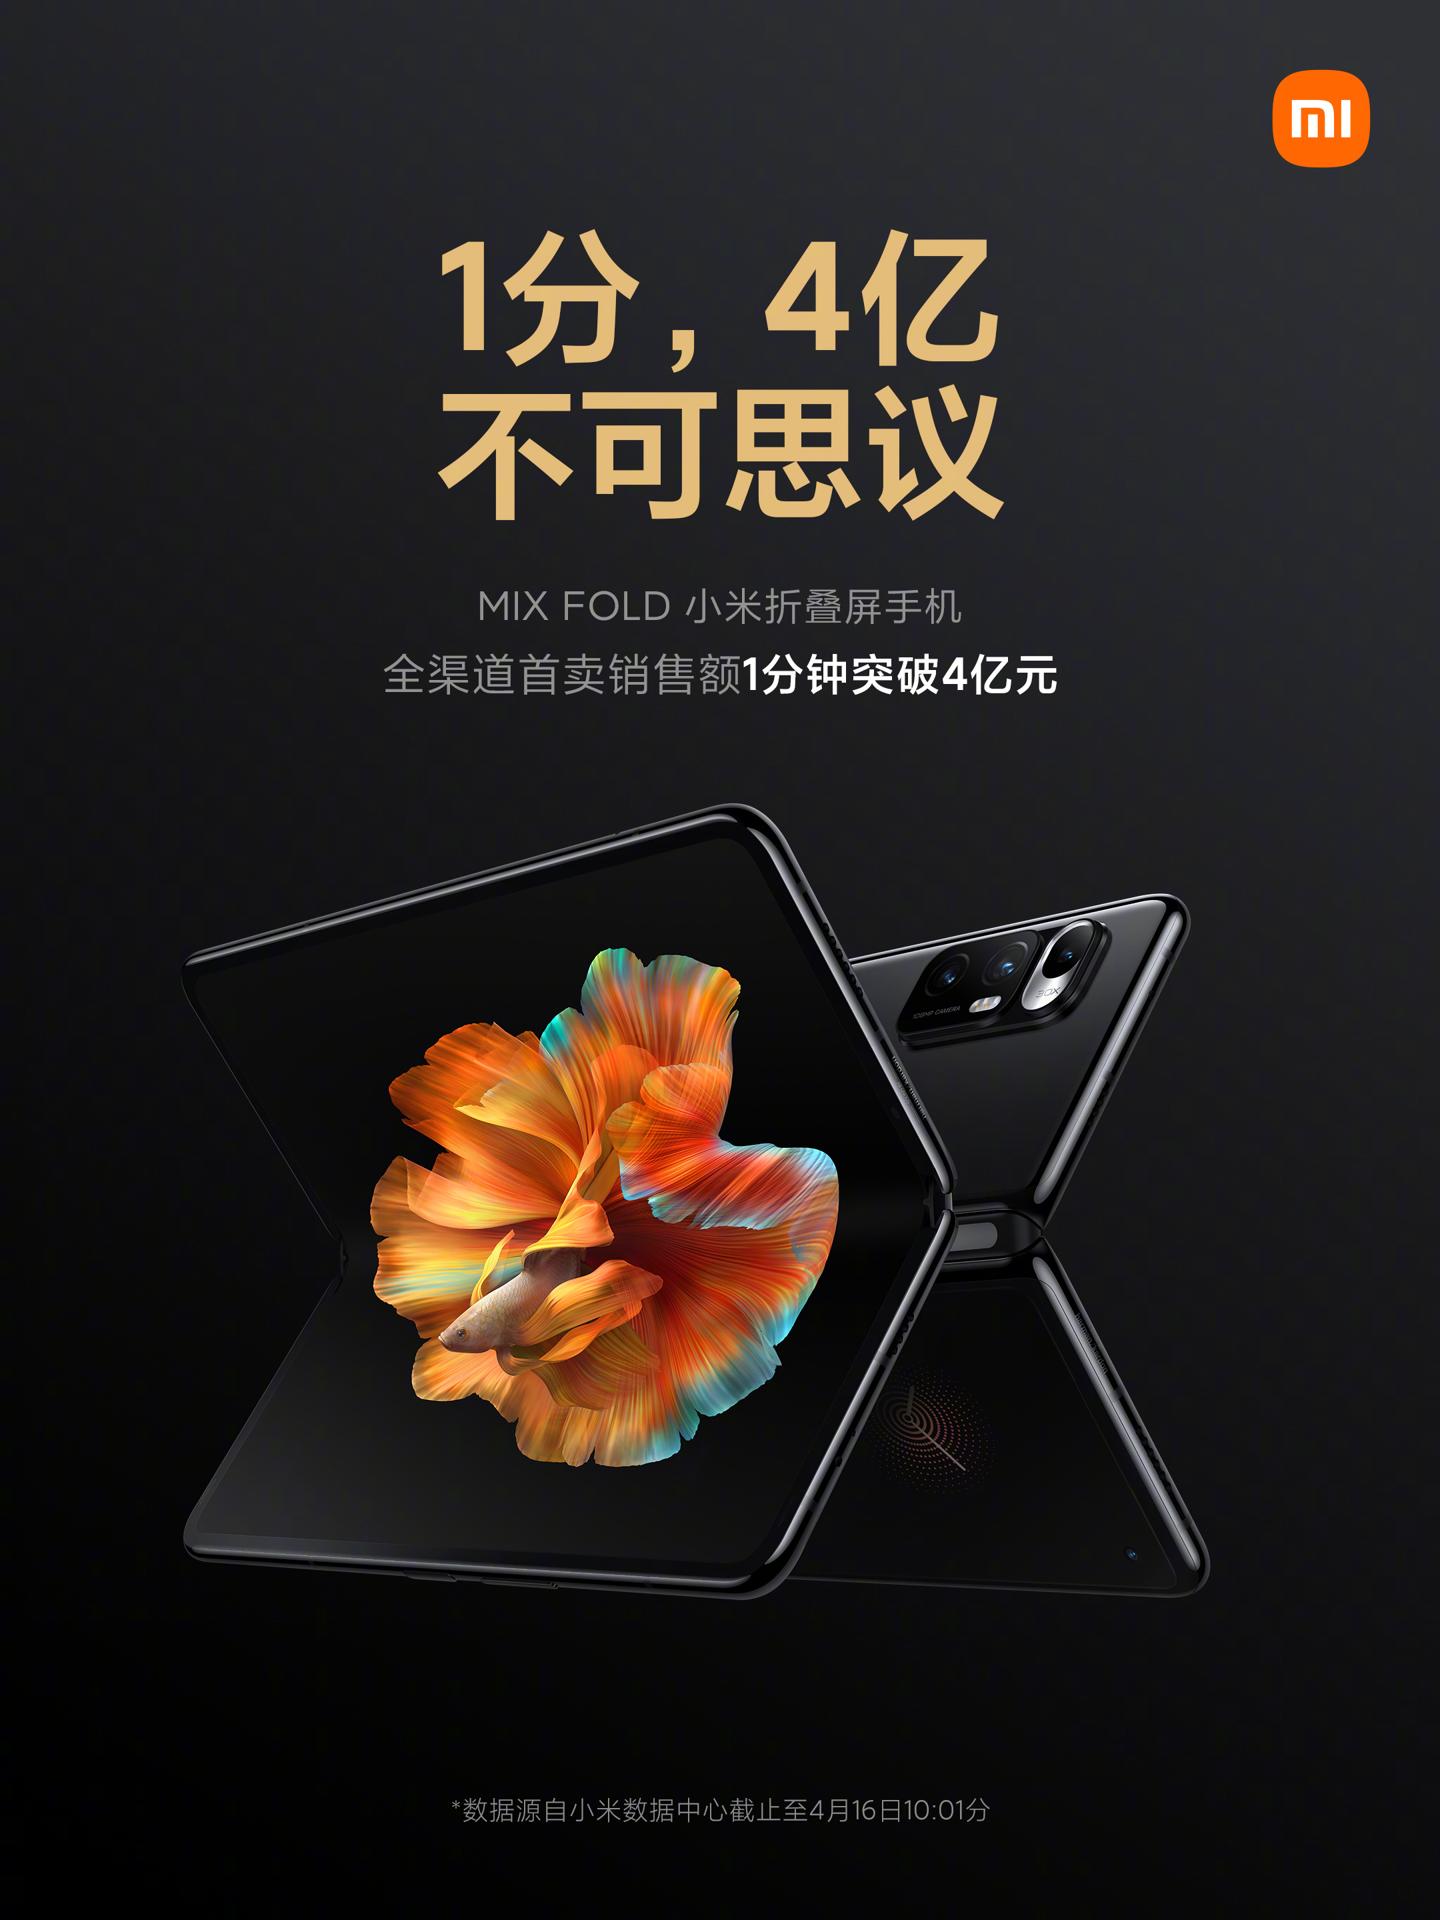 Las ventas del Xiaomi Mi Mix Fold alcanzan unas cifras millonarias en solo un minuto. Noticias Xiaomi Adictos